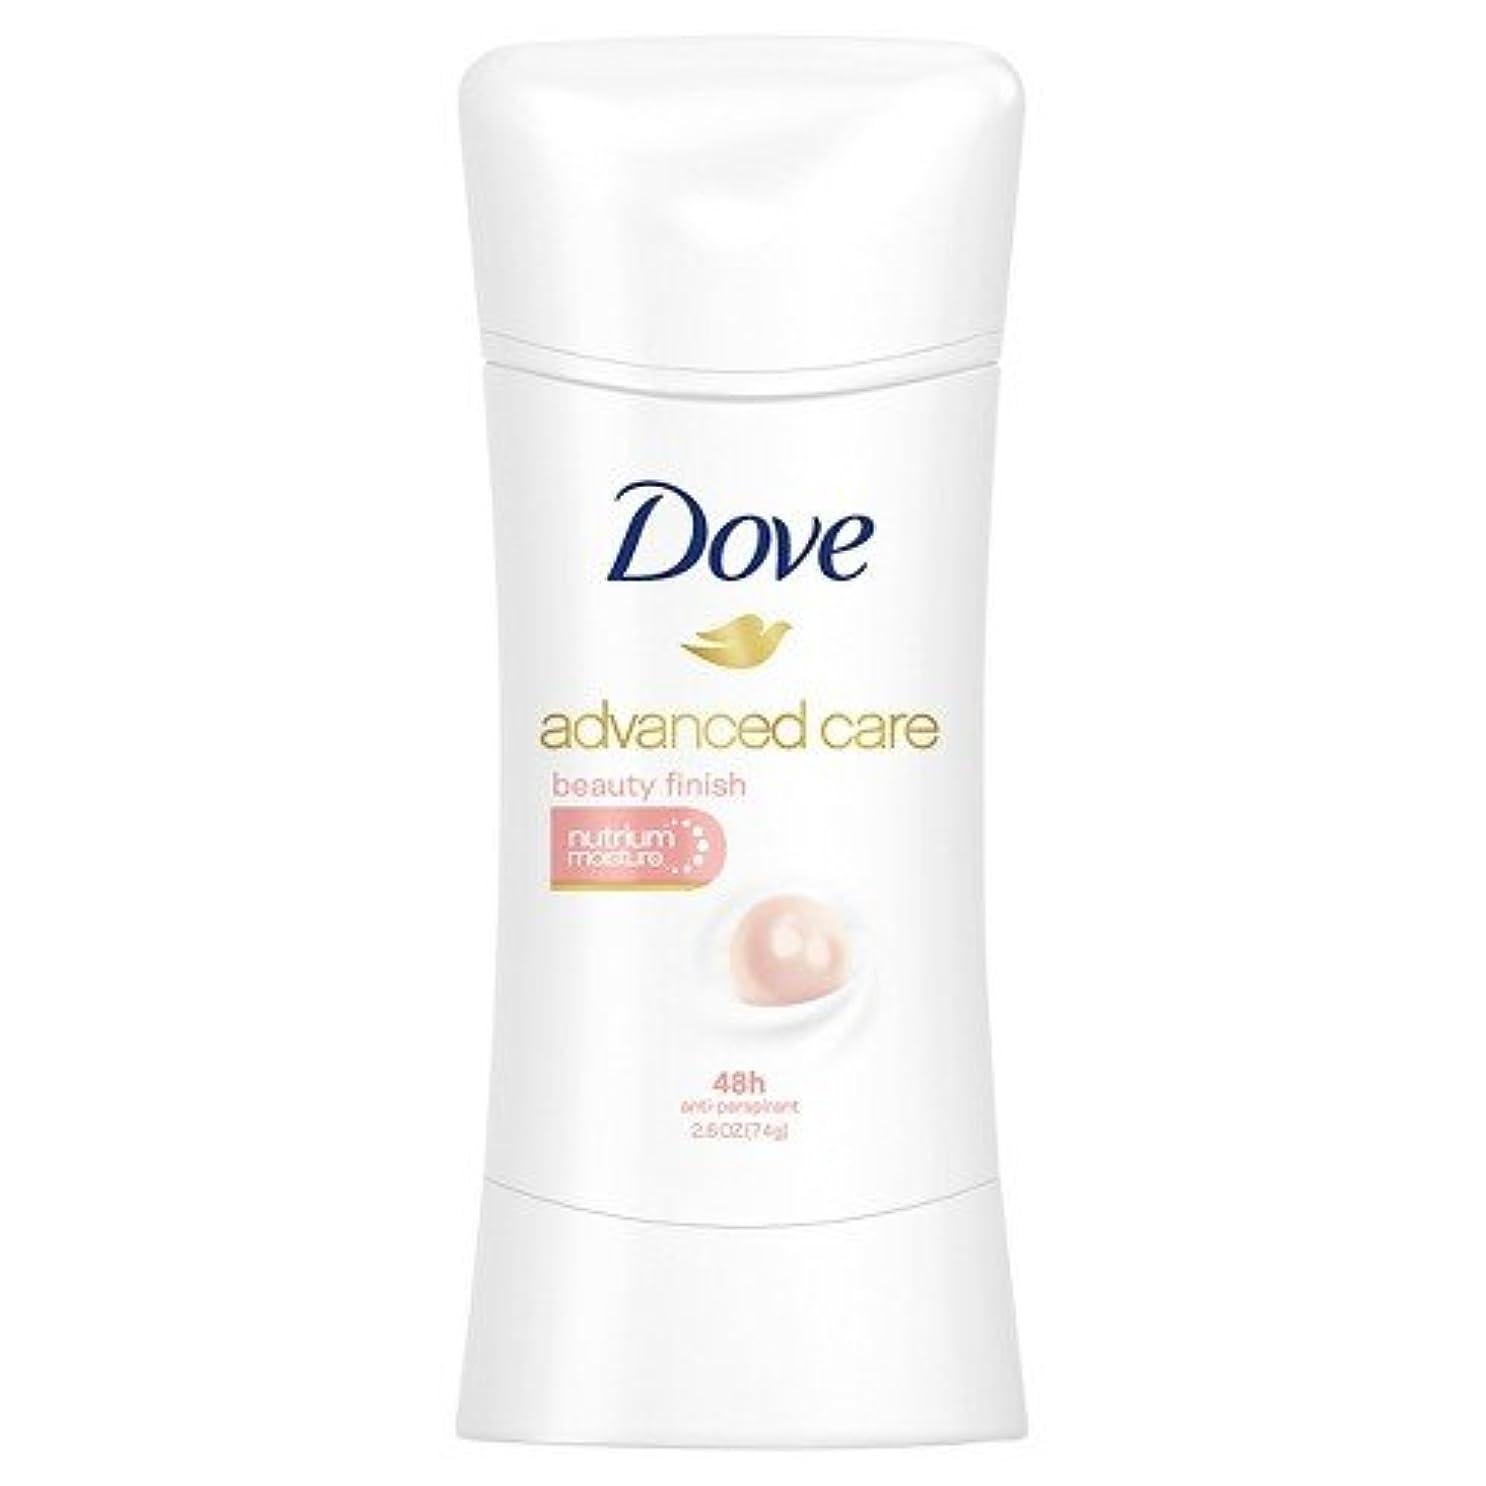 苦のホスト信仰Dove Advanced Care Beauty Finish Antiperspirant Deodorant 2.6 oz ダブ アドバンスドケア ビューティーフィニッシュ デオドラント 74g [並行輸入品]